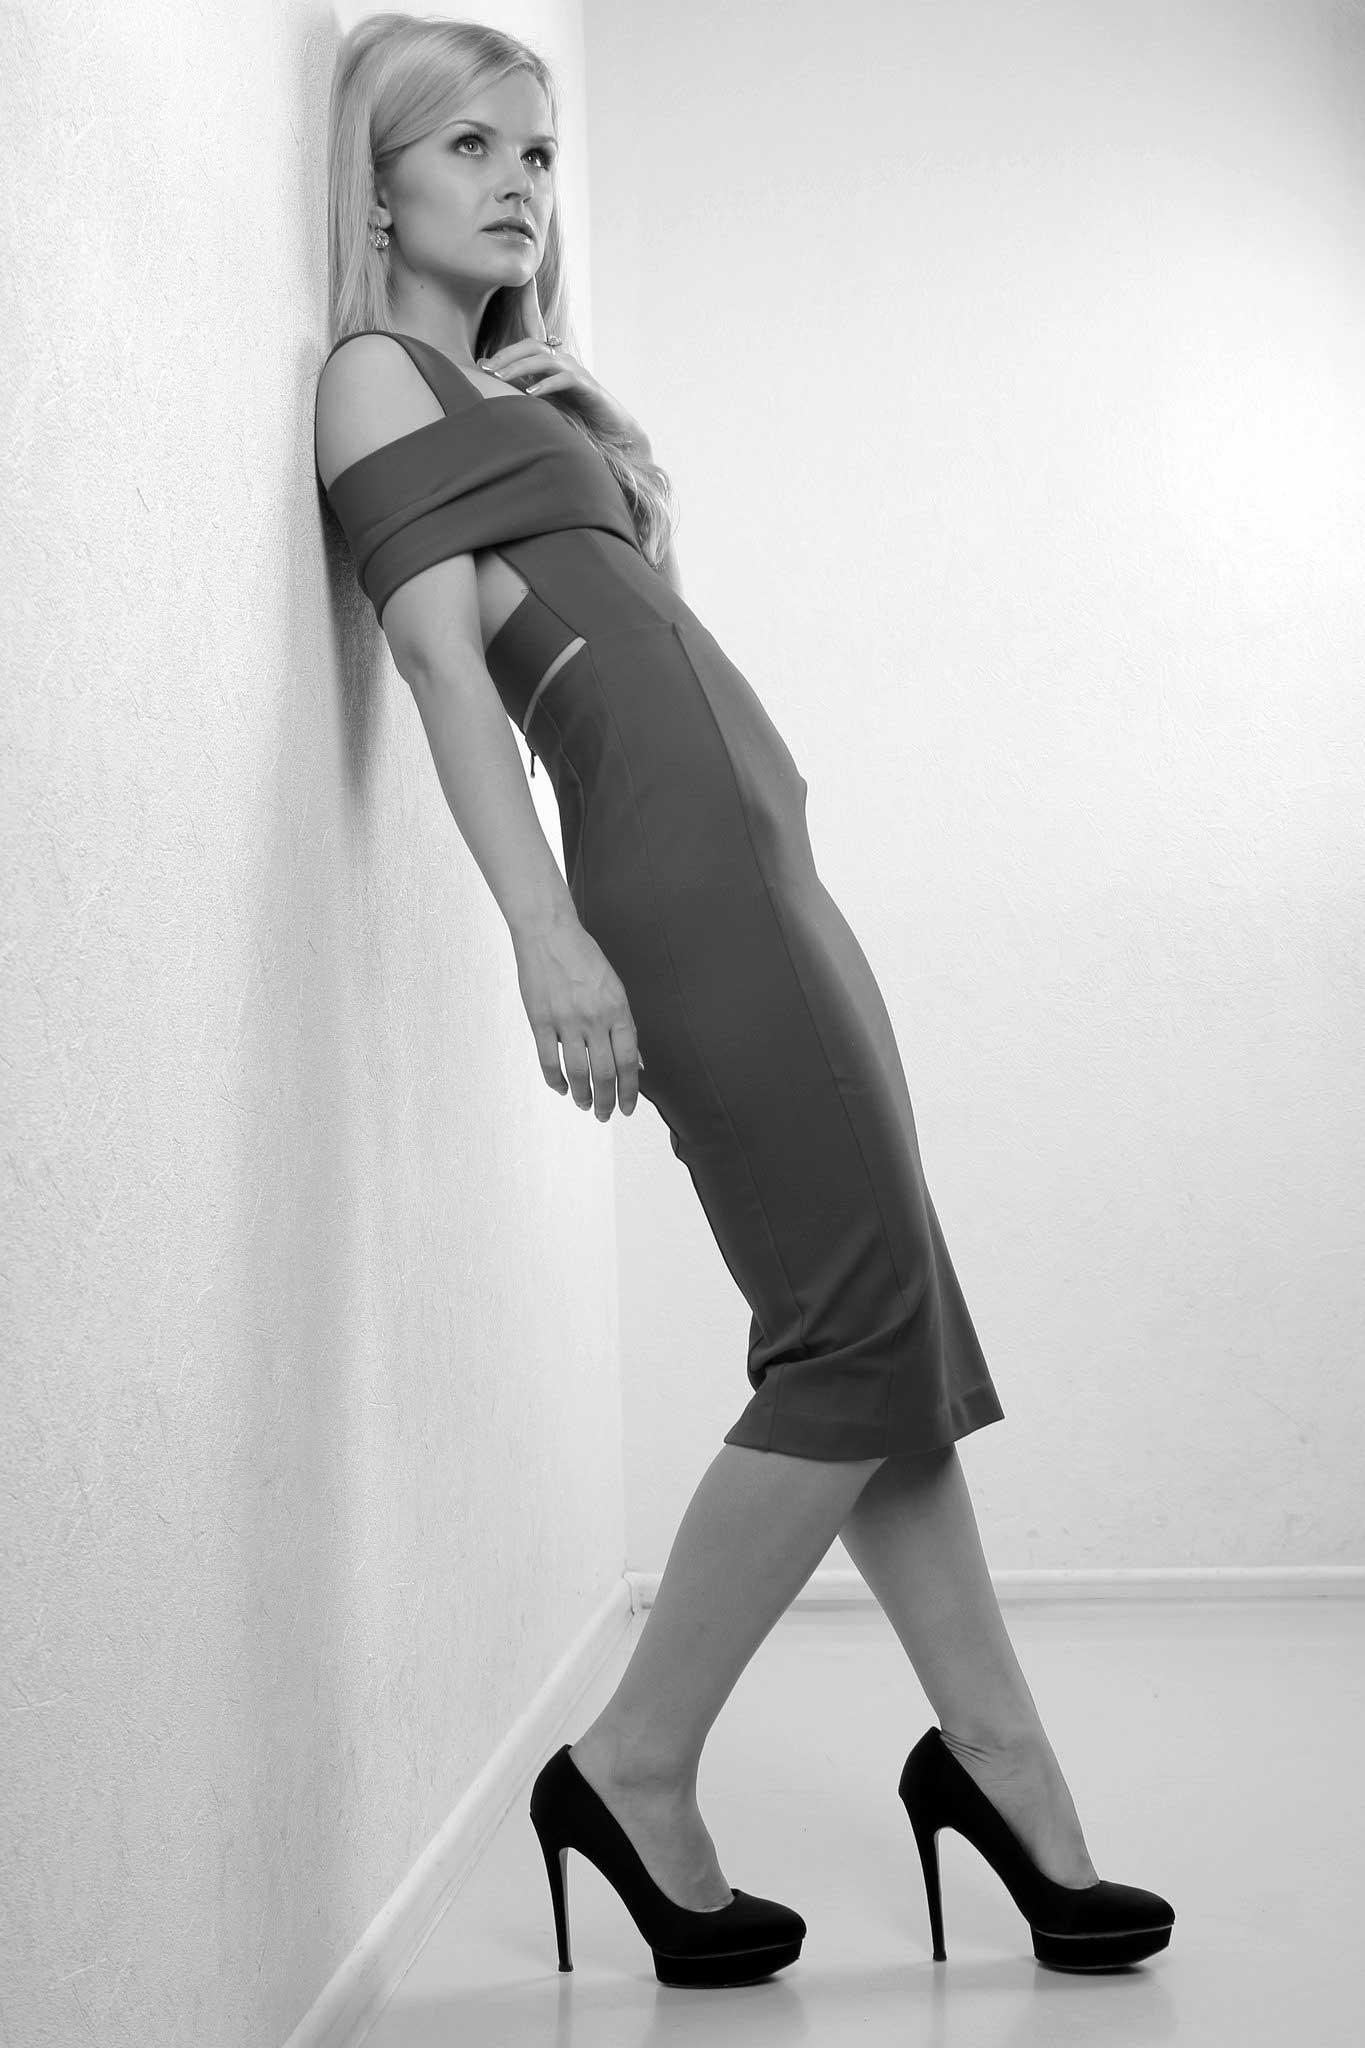 modele vivant femme aleksandra